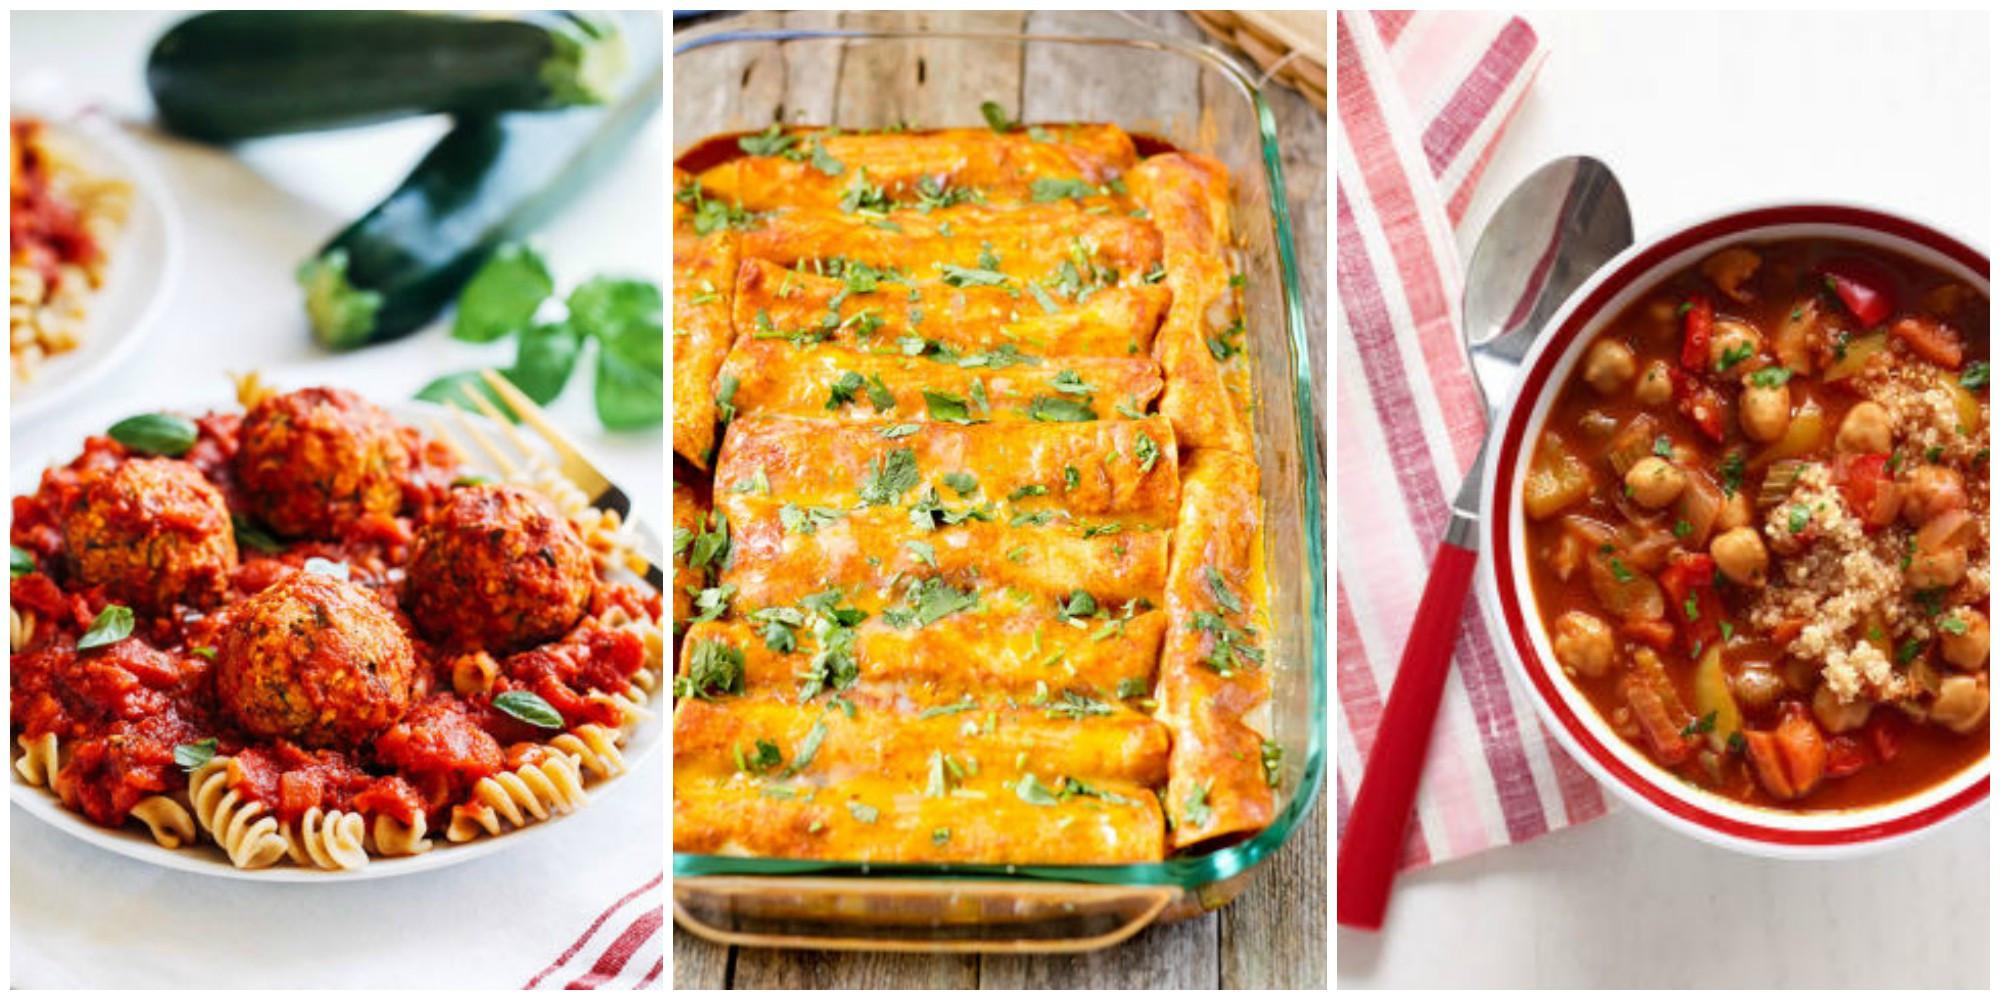 Recipes For Dinner  10 Easy Vegan Dinner Recipes Best Vegan Meal Ideas